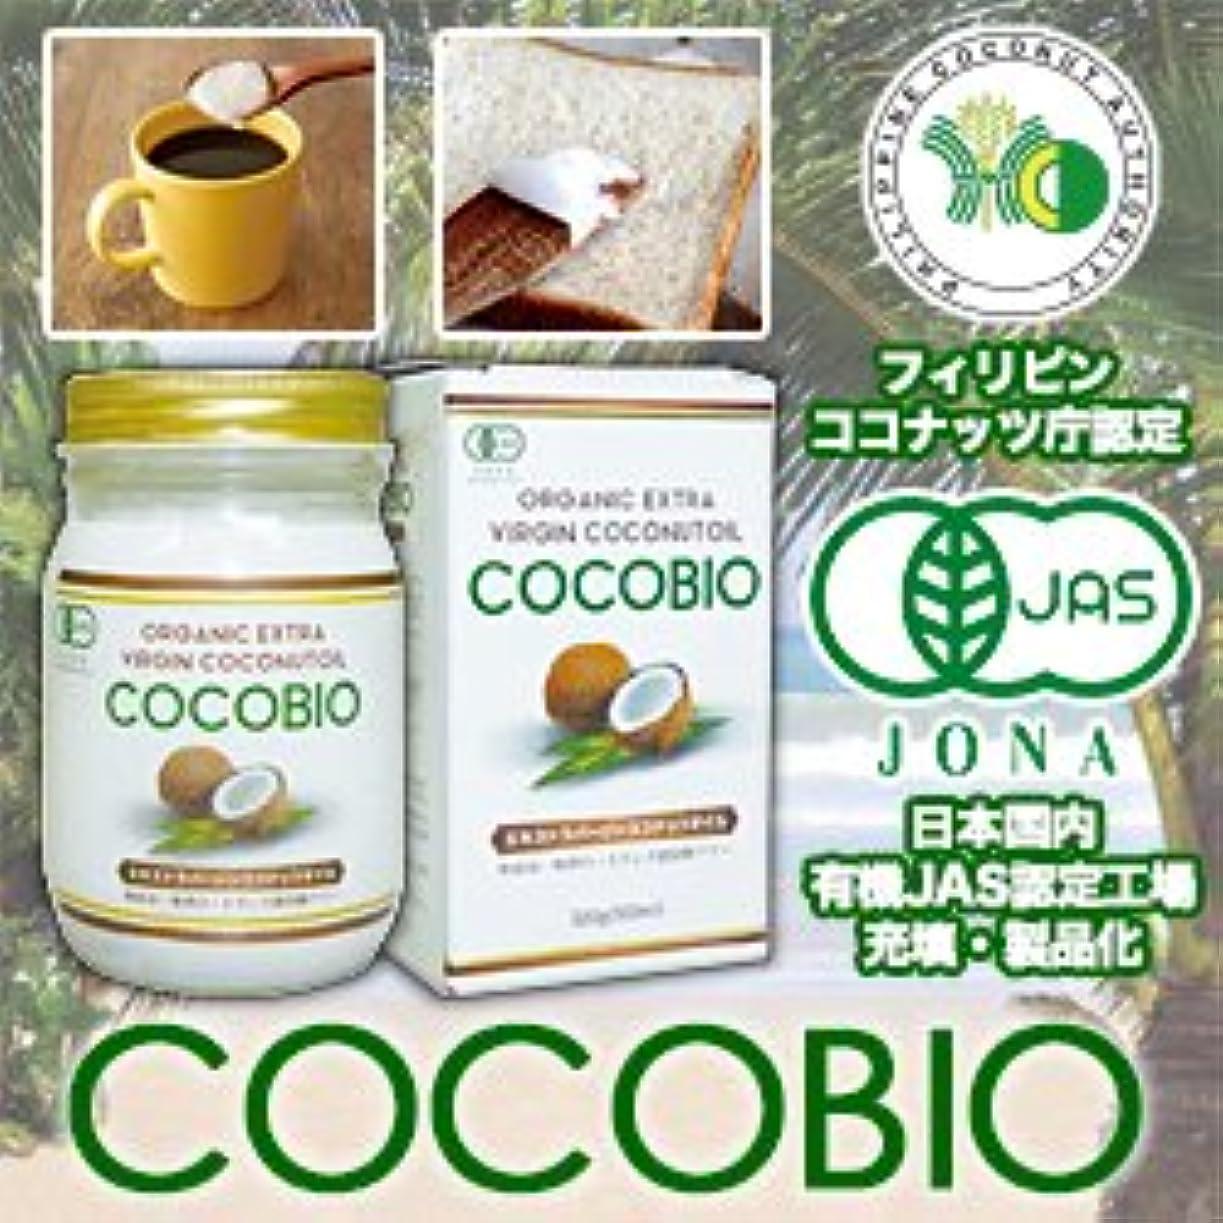 一致する港なしで【特殊栄養食品研究所】【有機ココナッツオイル】 ココビオ(COCOBIO) 320g [350ml] ×3個セット